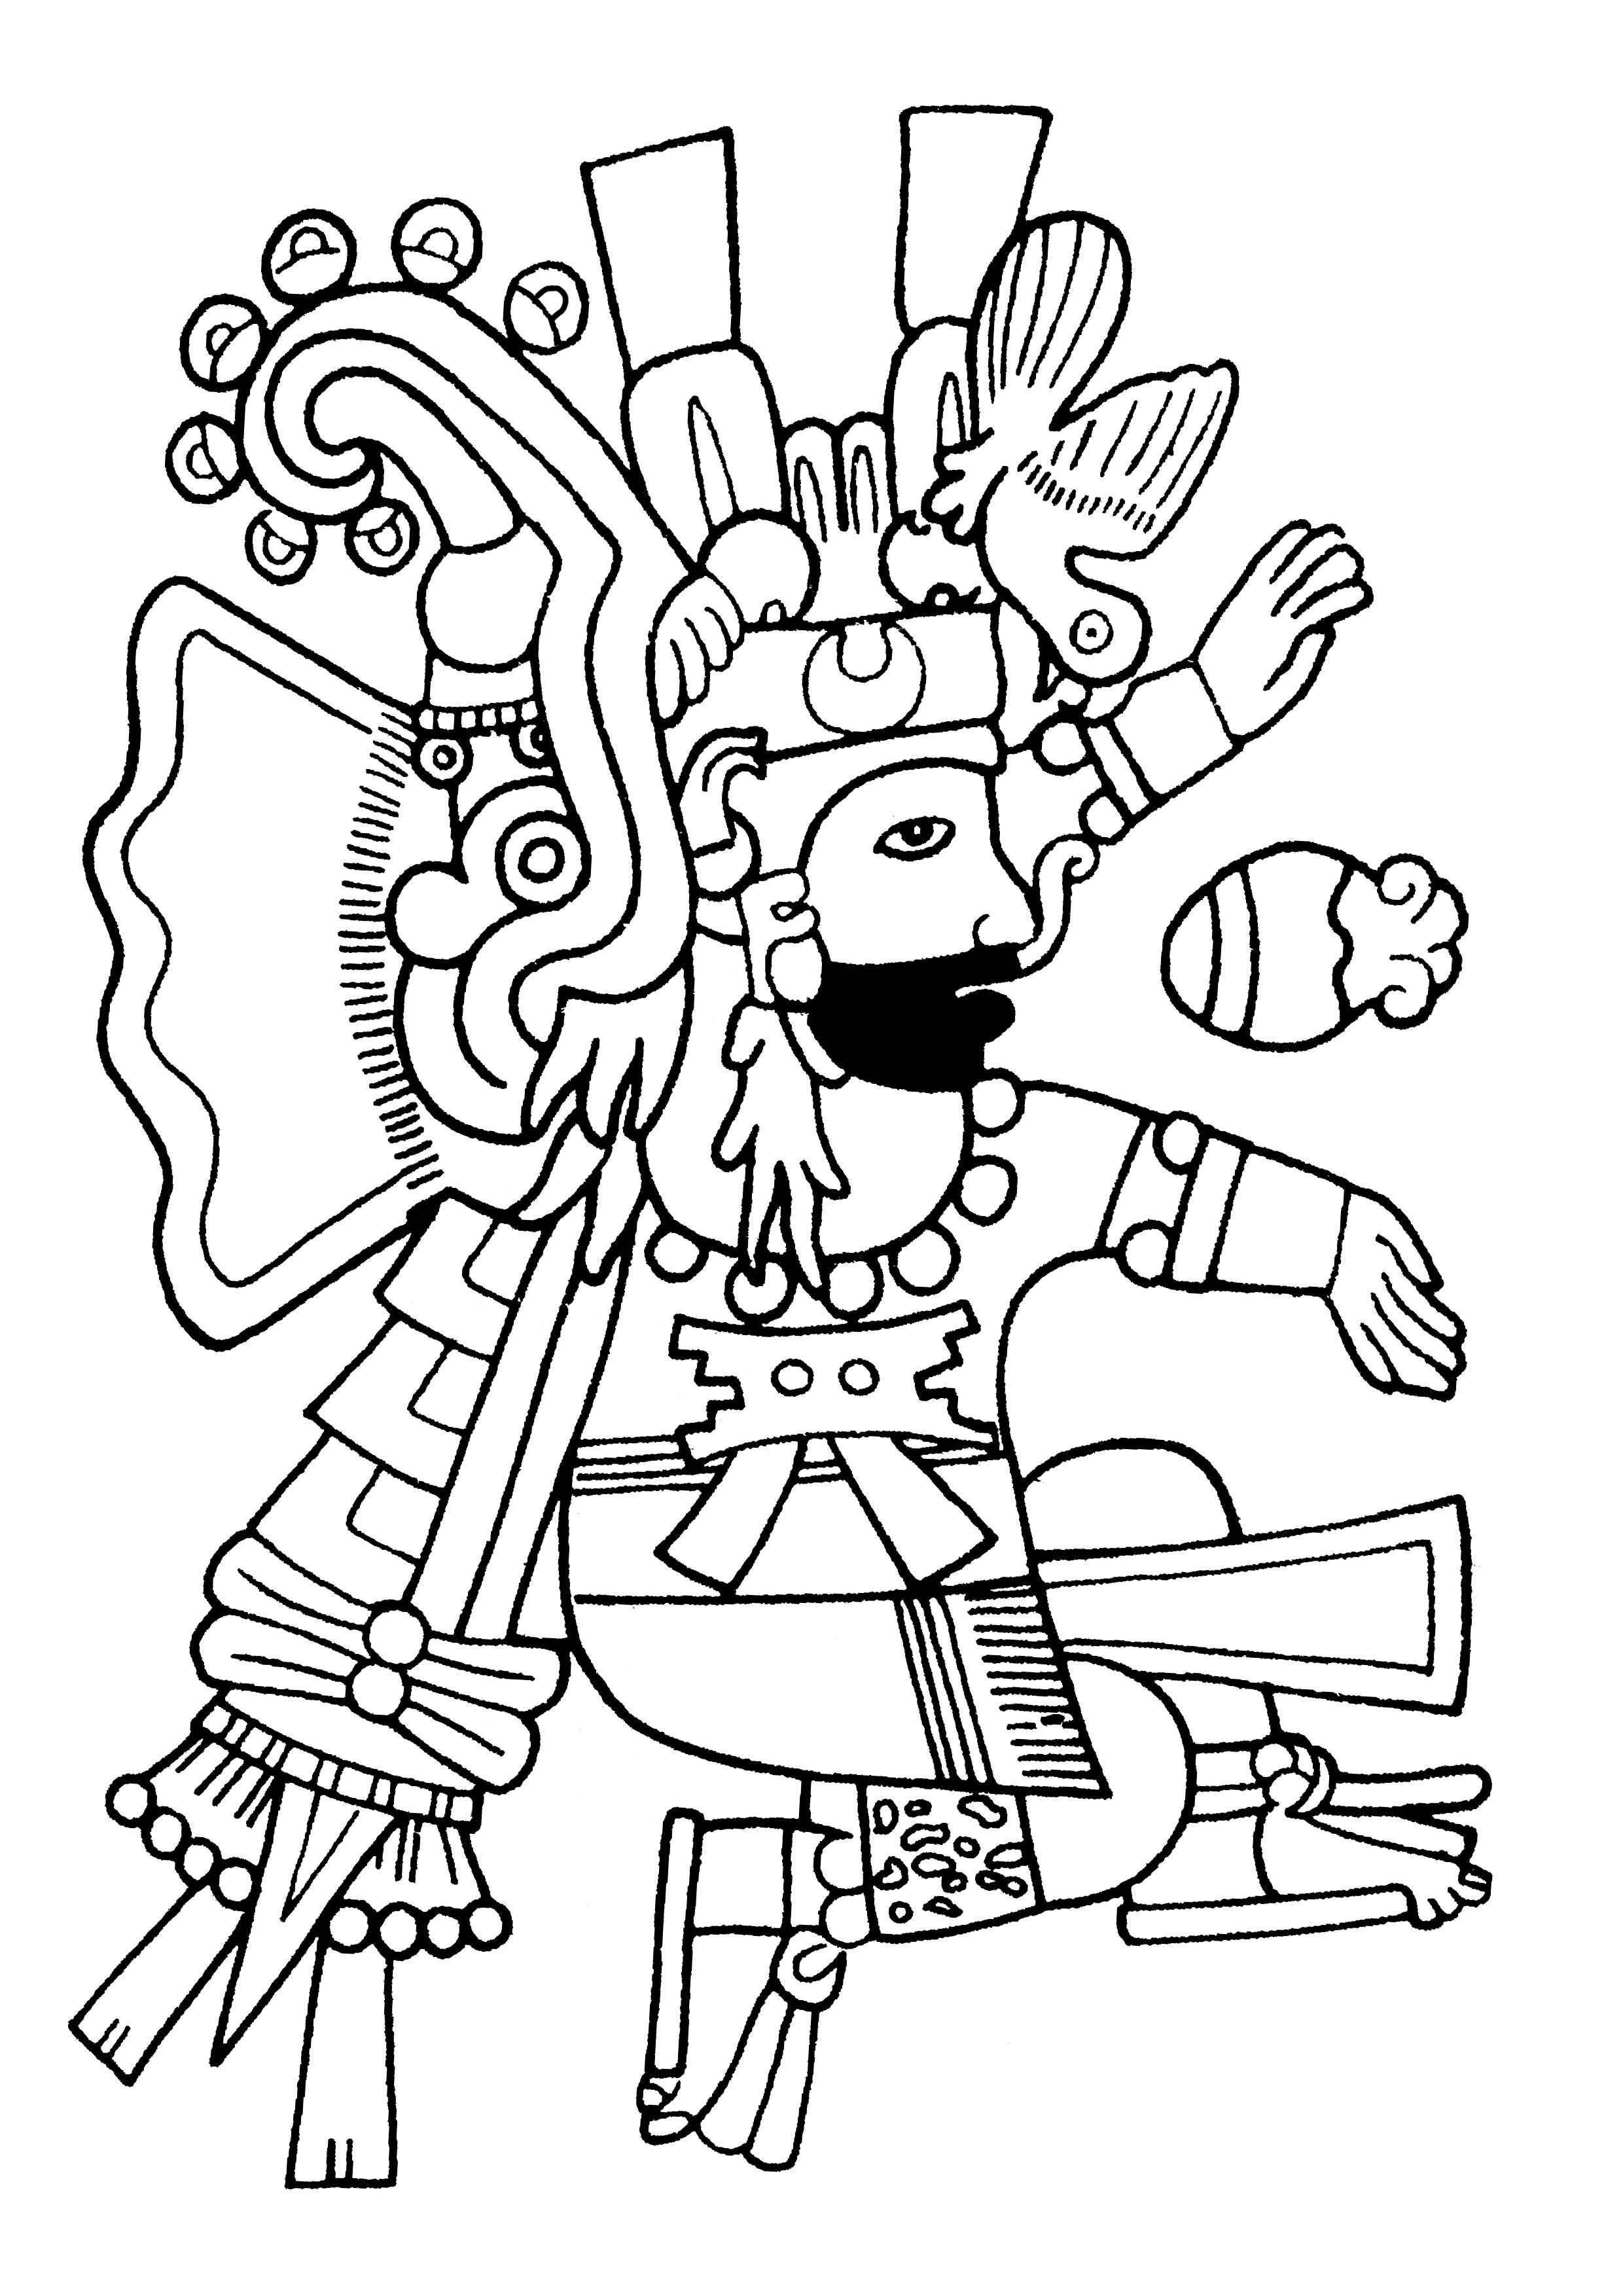 Mayas azteken und inkas 48454 - Mayas, Azteken und Inkas - Malbuch ...